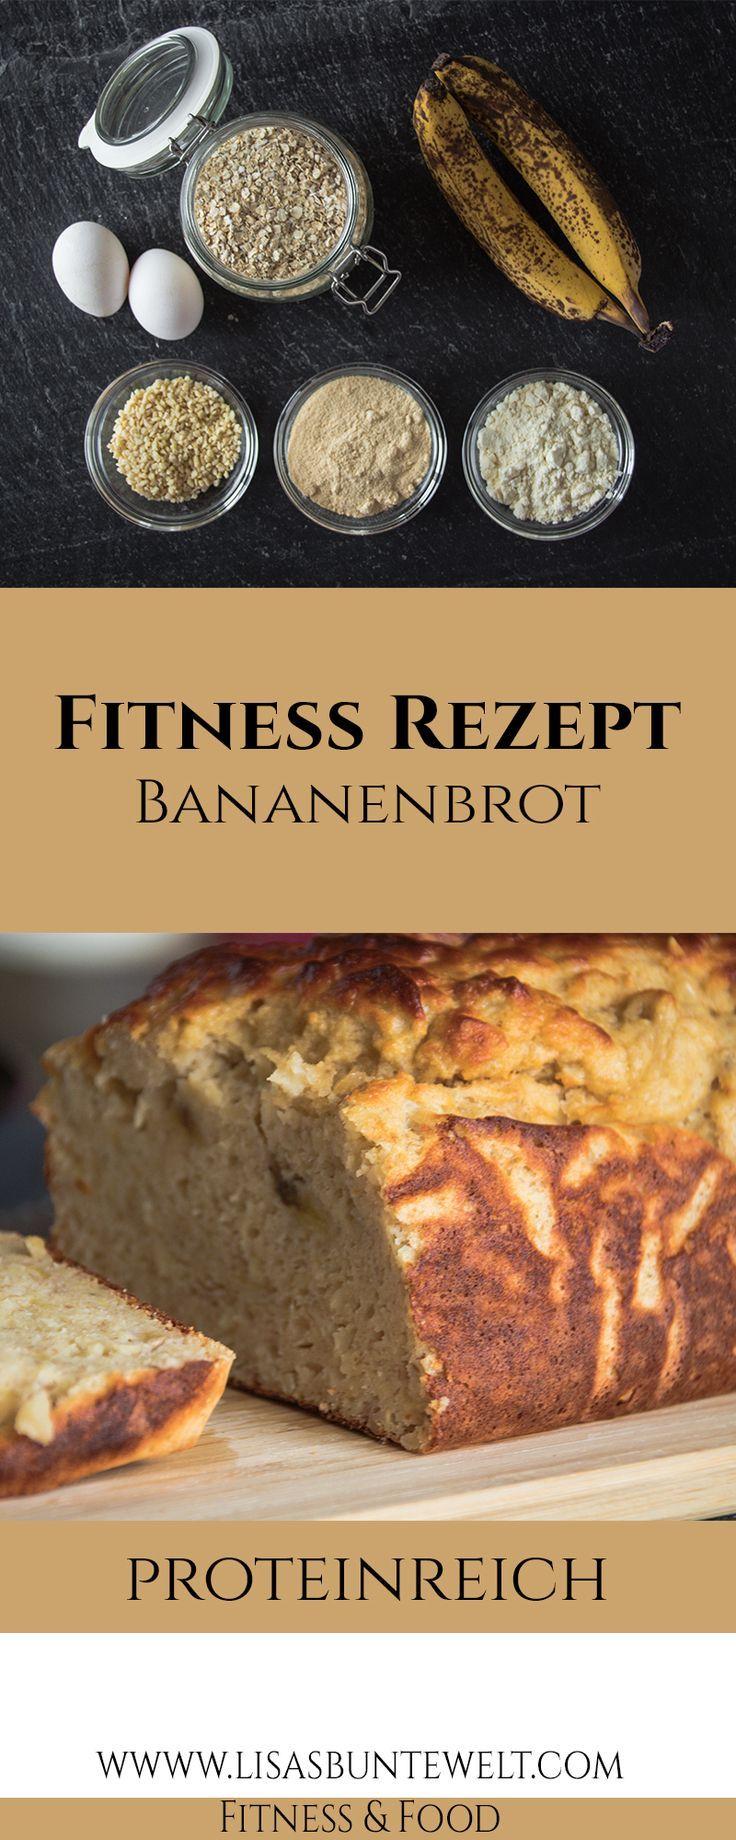 Das beste Bananenbrot-Rezept ohne Zucker und Mehl - Fitness Protein